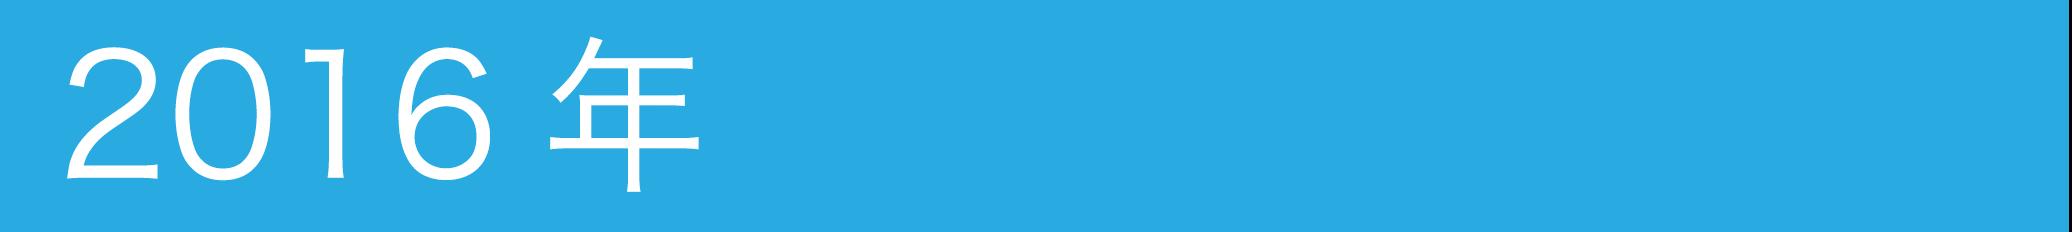 media-2016ybar